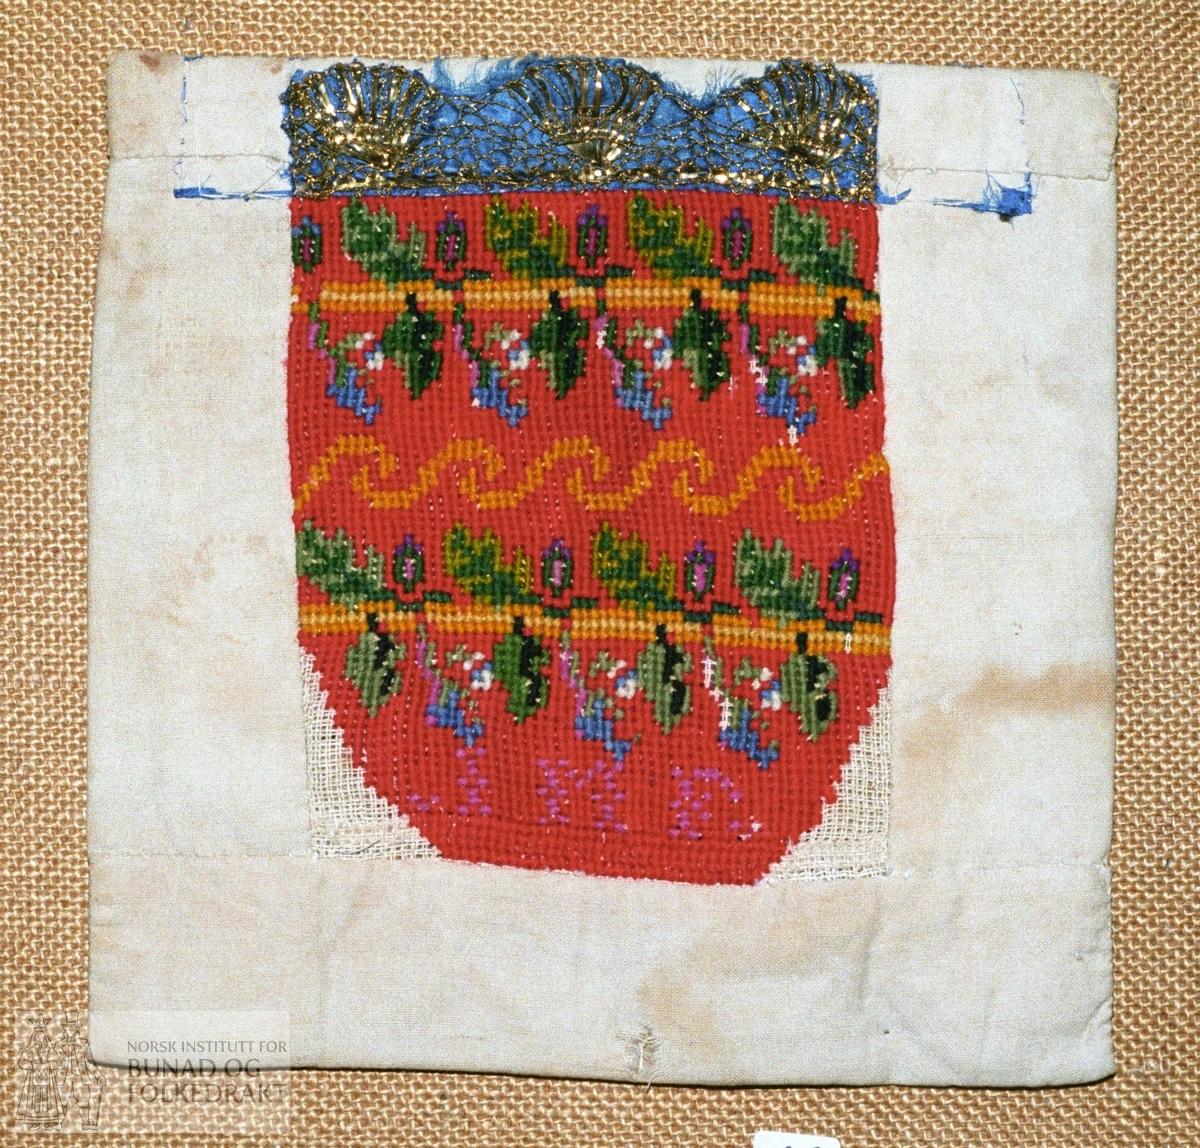 Matr.:  Stramei, korsstingssauma med mjukull i raudt med mønster i gule og grøne nyansar, blått, fiolett og litt kvitt. Kanta oppe med blå silke prydd med gullkniplingar. Bakside av ubleika bomullslerret, som er bretta over på framsida. Bokstavane A M D er sauma inn med fiolett.  Høgde broderi:         14 cm.  Breidde broderi:     12,5 cm. Breidde bandkanting:  2,6 cm.